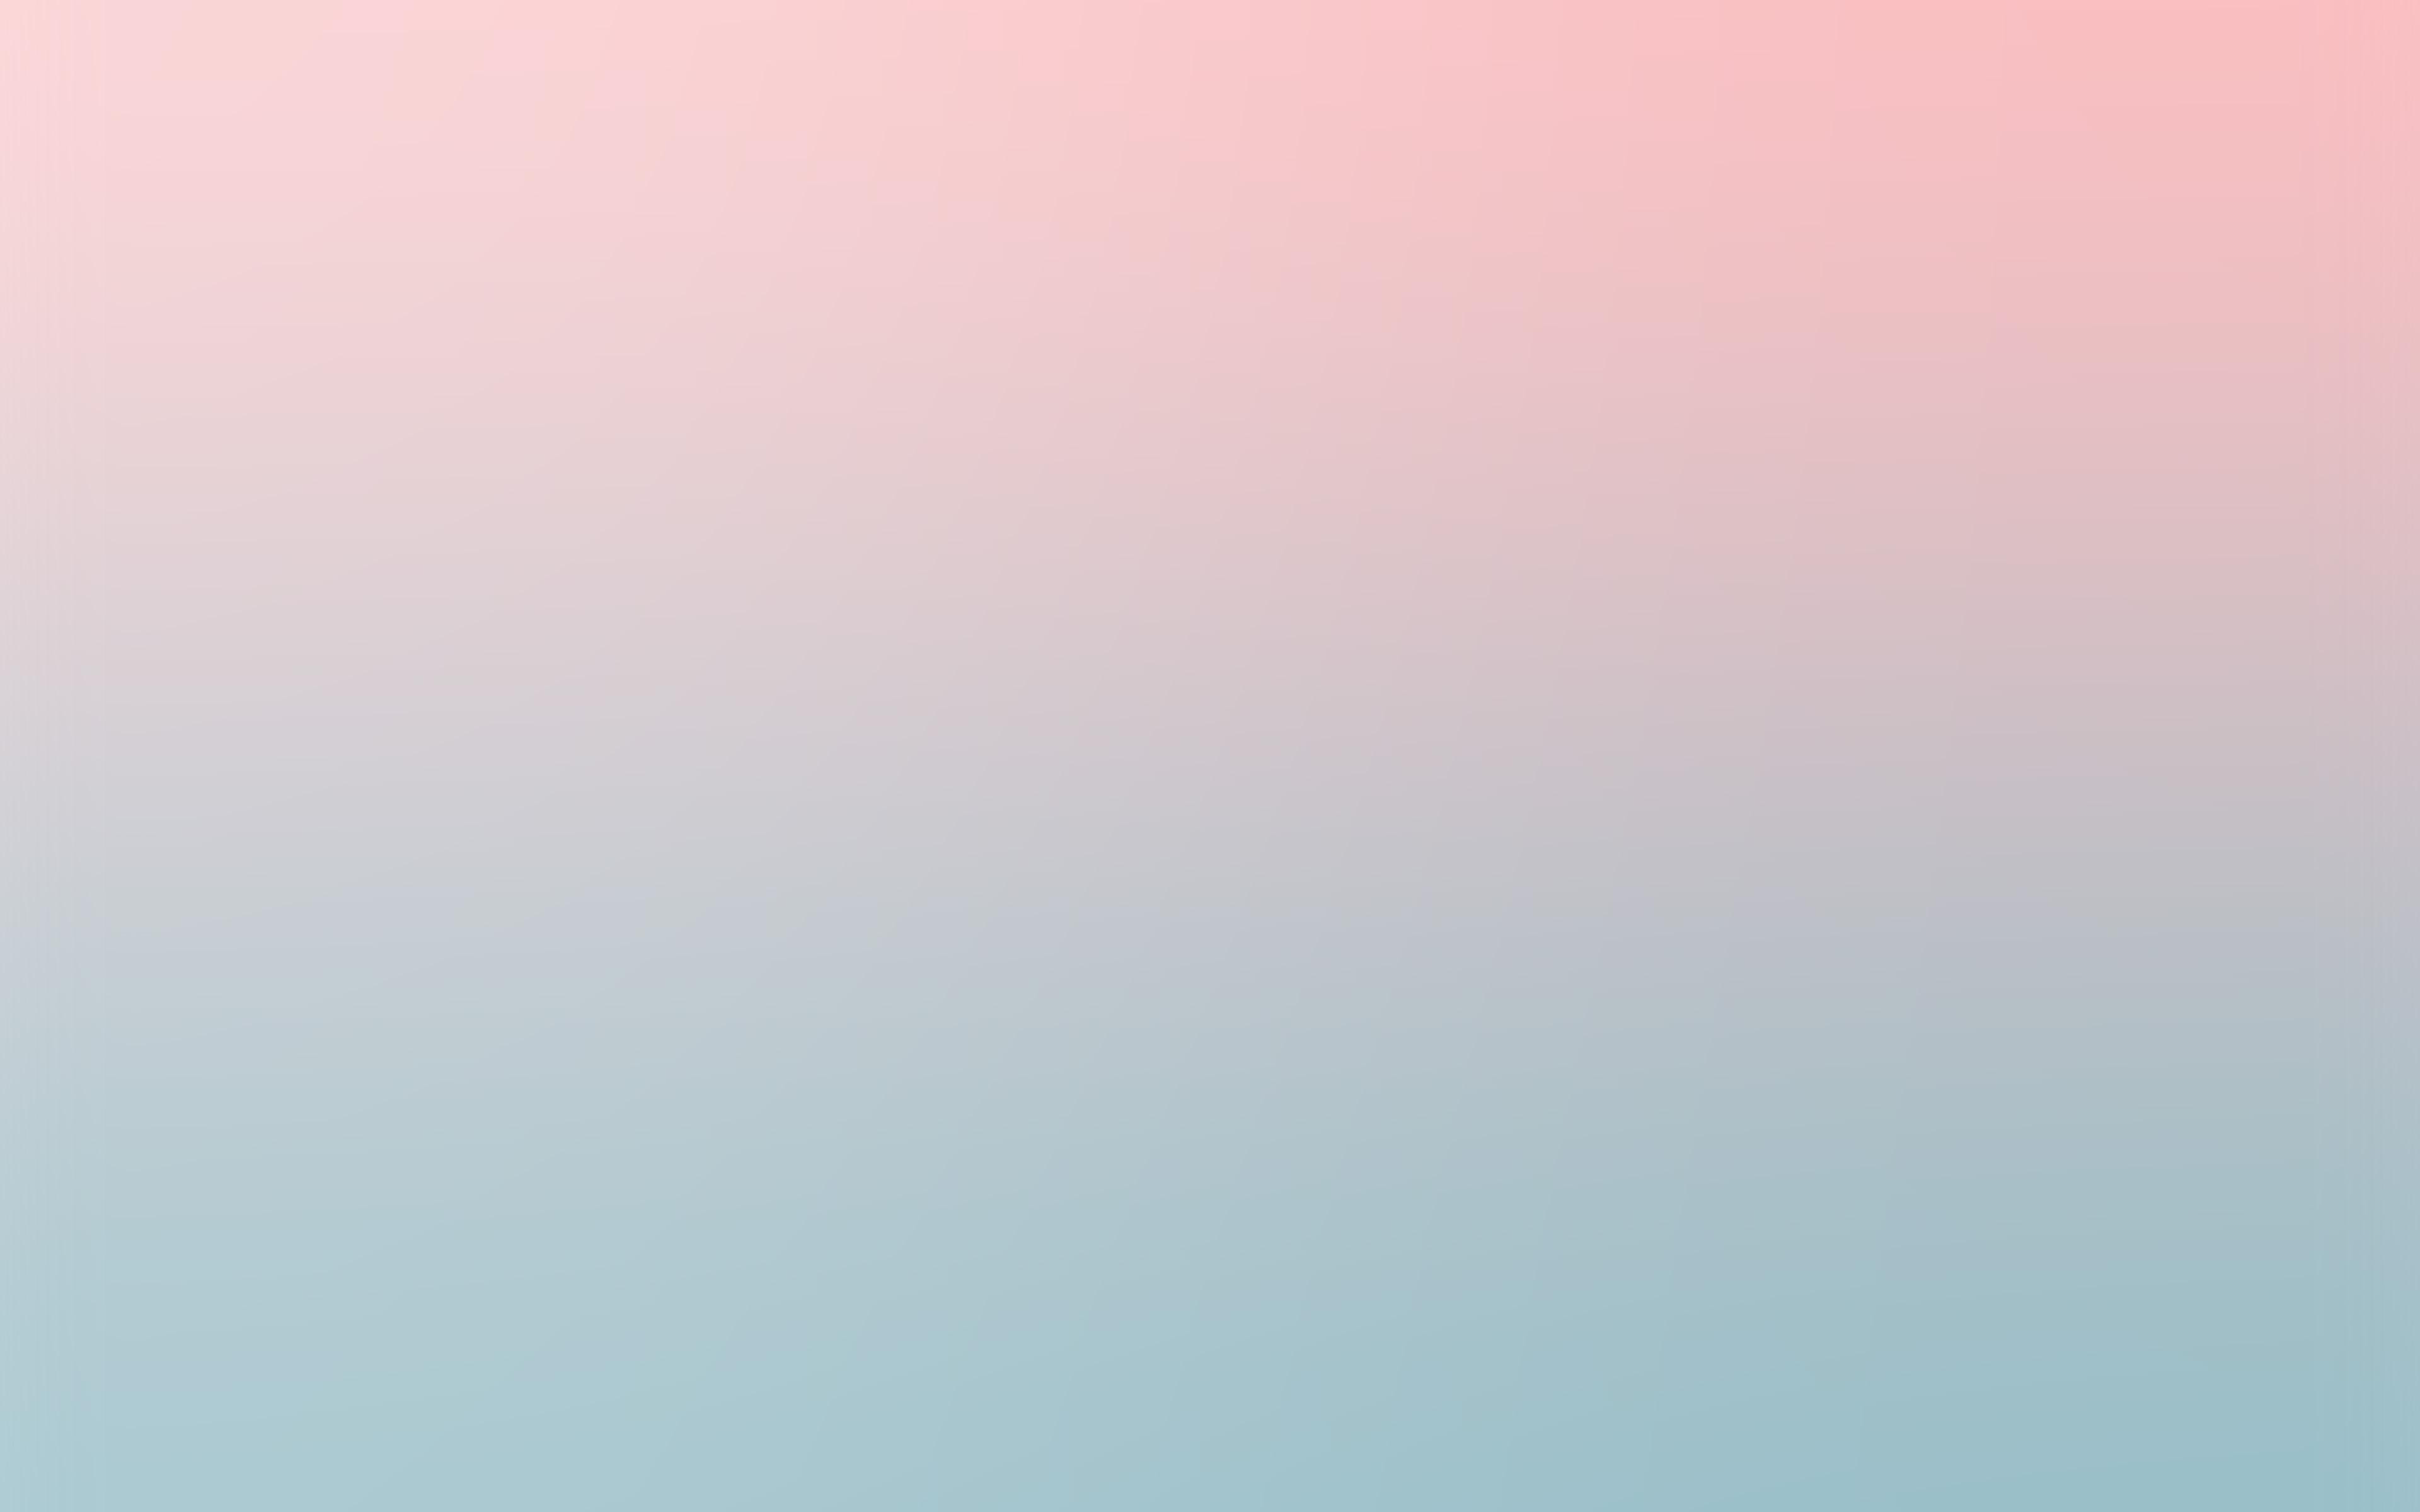 Star Wallpaper Cute Kawaii Sm07 Pink Blue Soft Pastel Blur Gradation Wallpaper